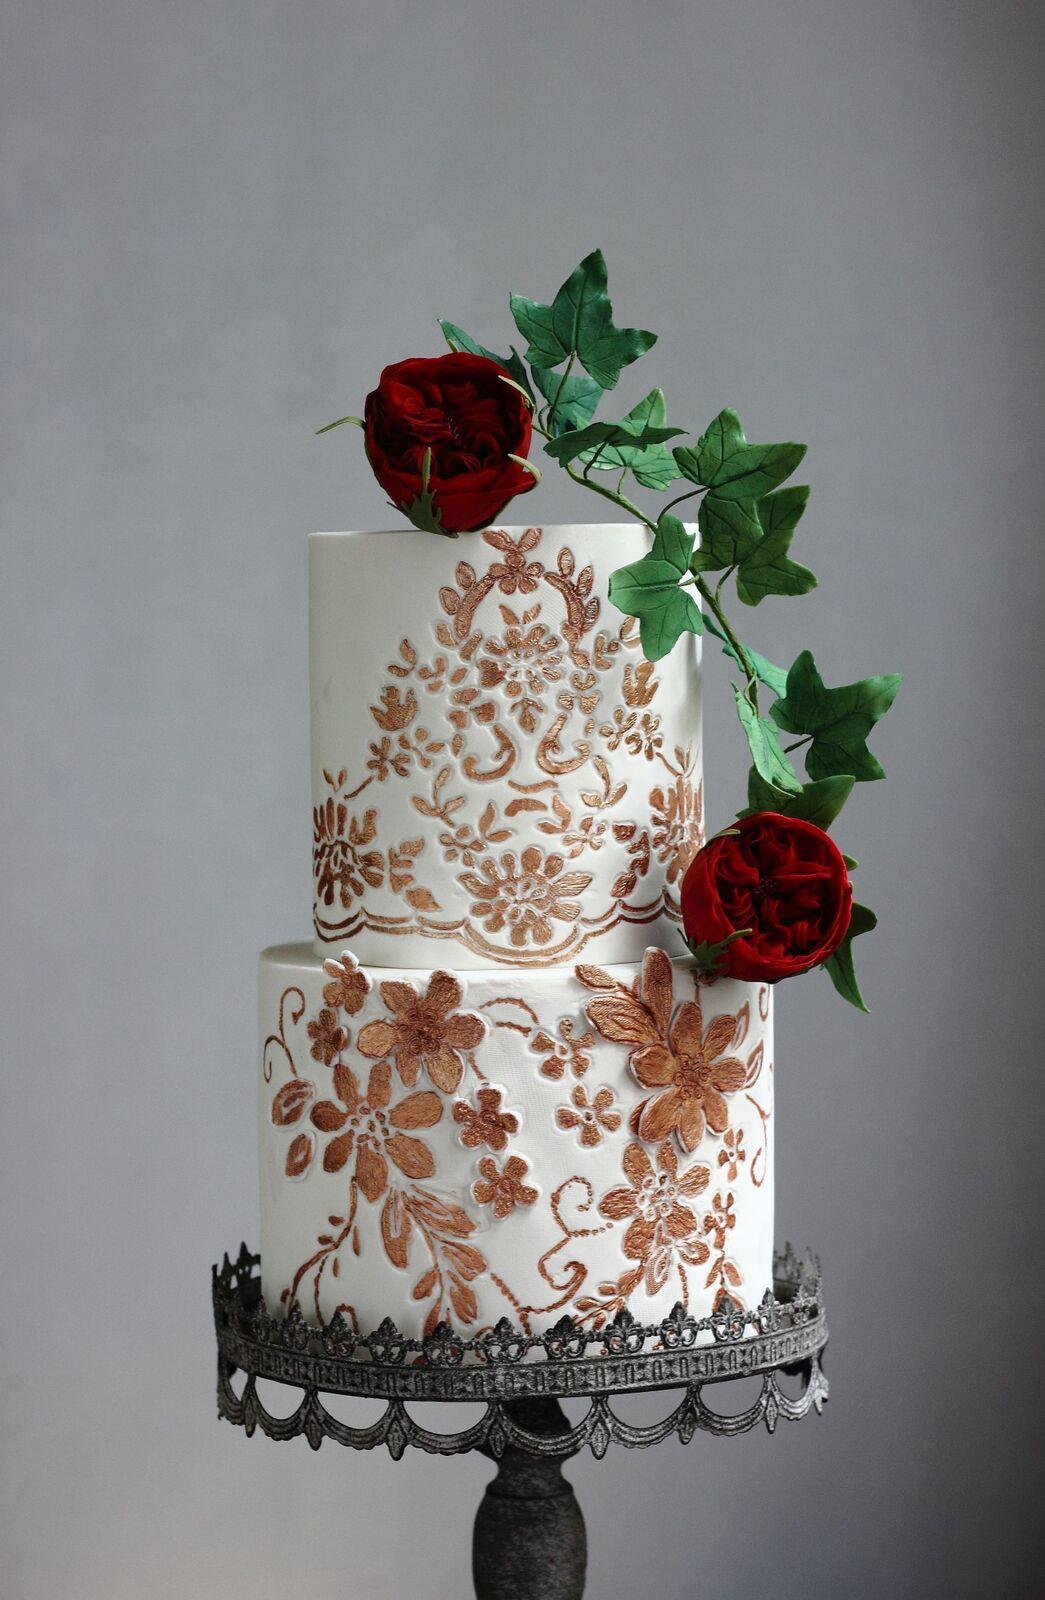 Brides-ARound-the-World-Jessica-Minh-Vu.jpeg#asset:13756